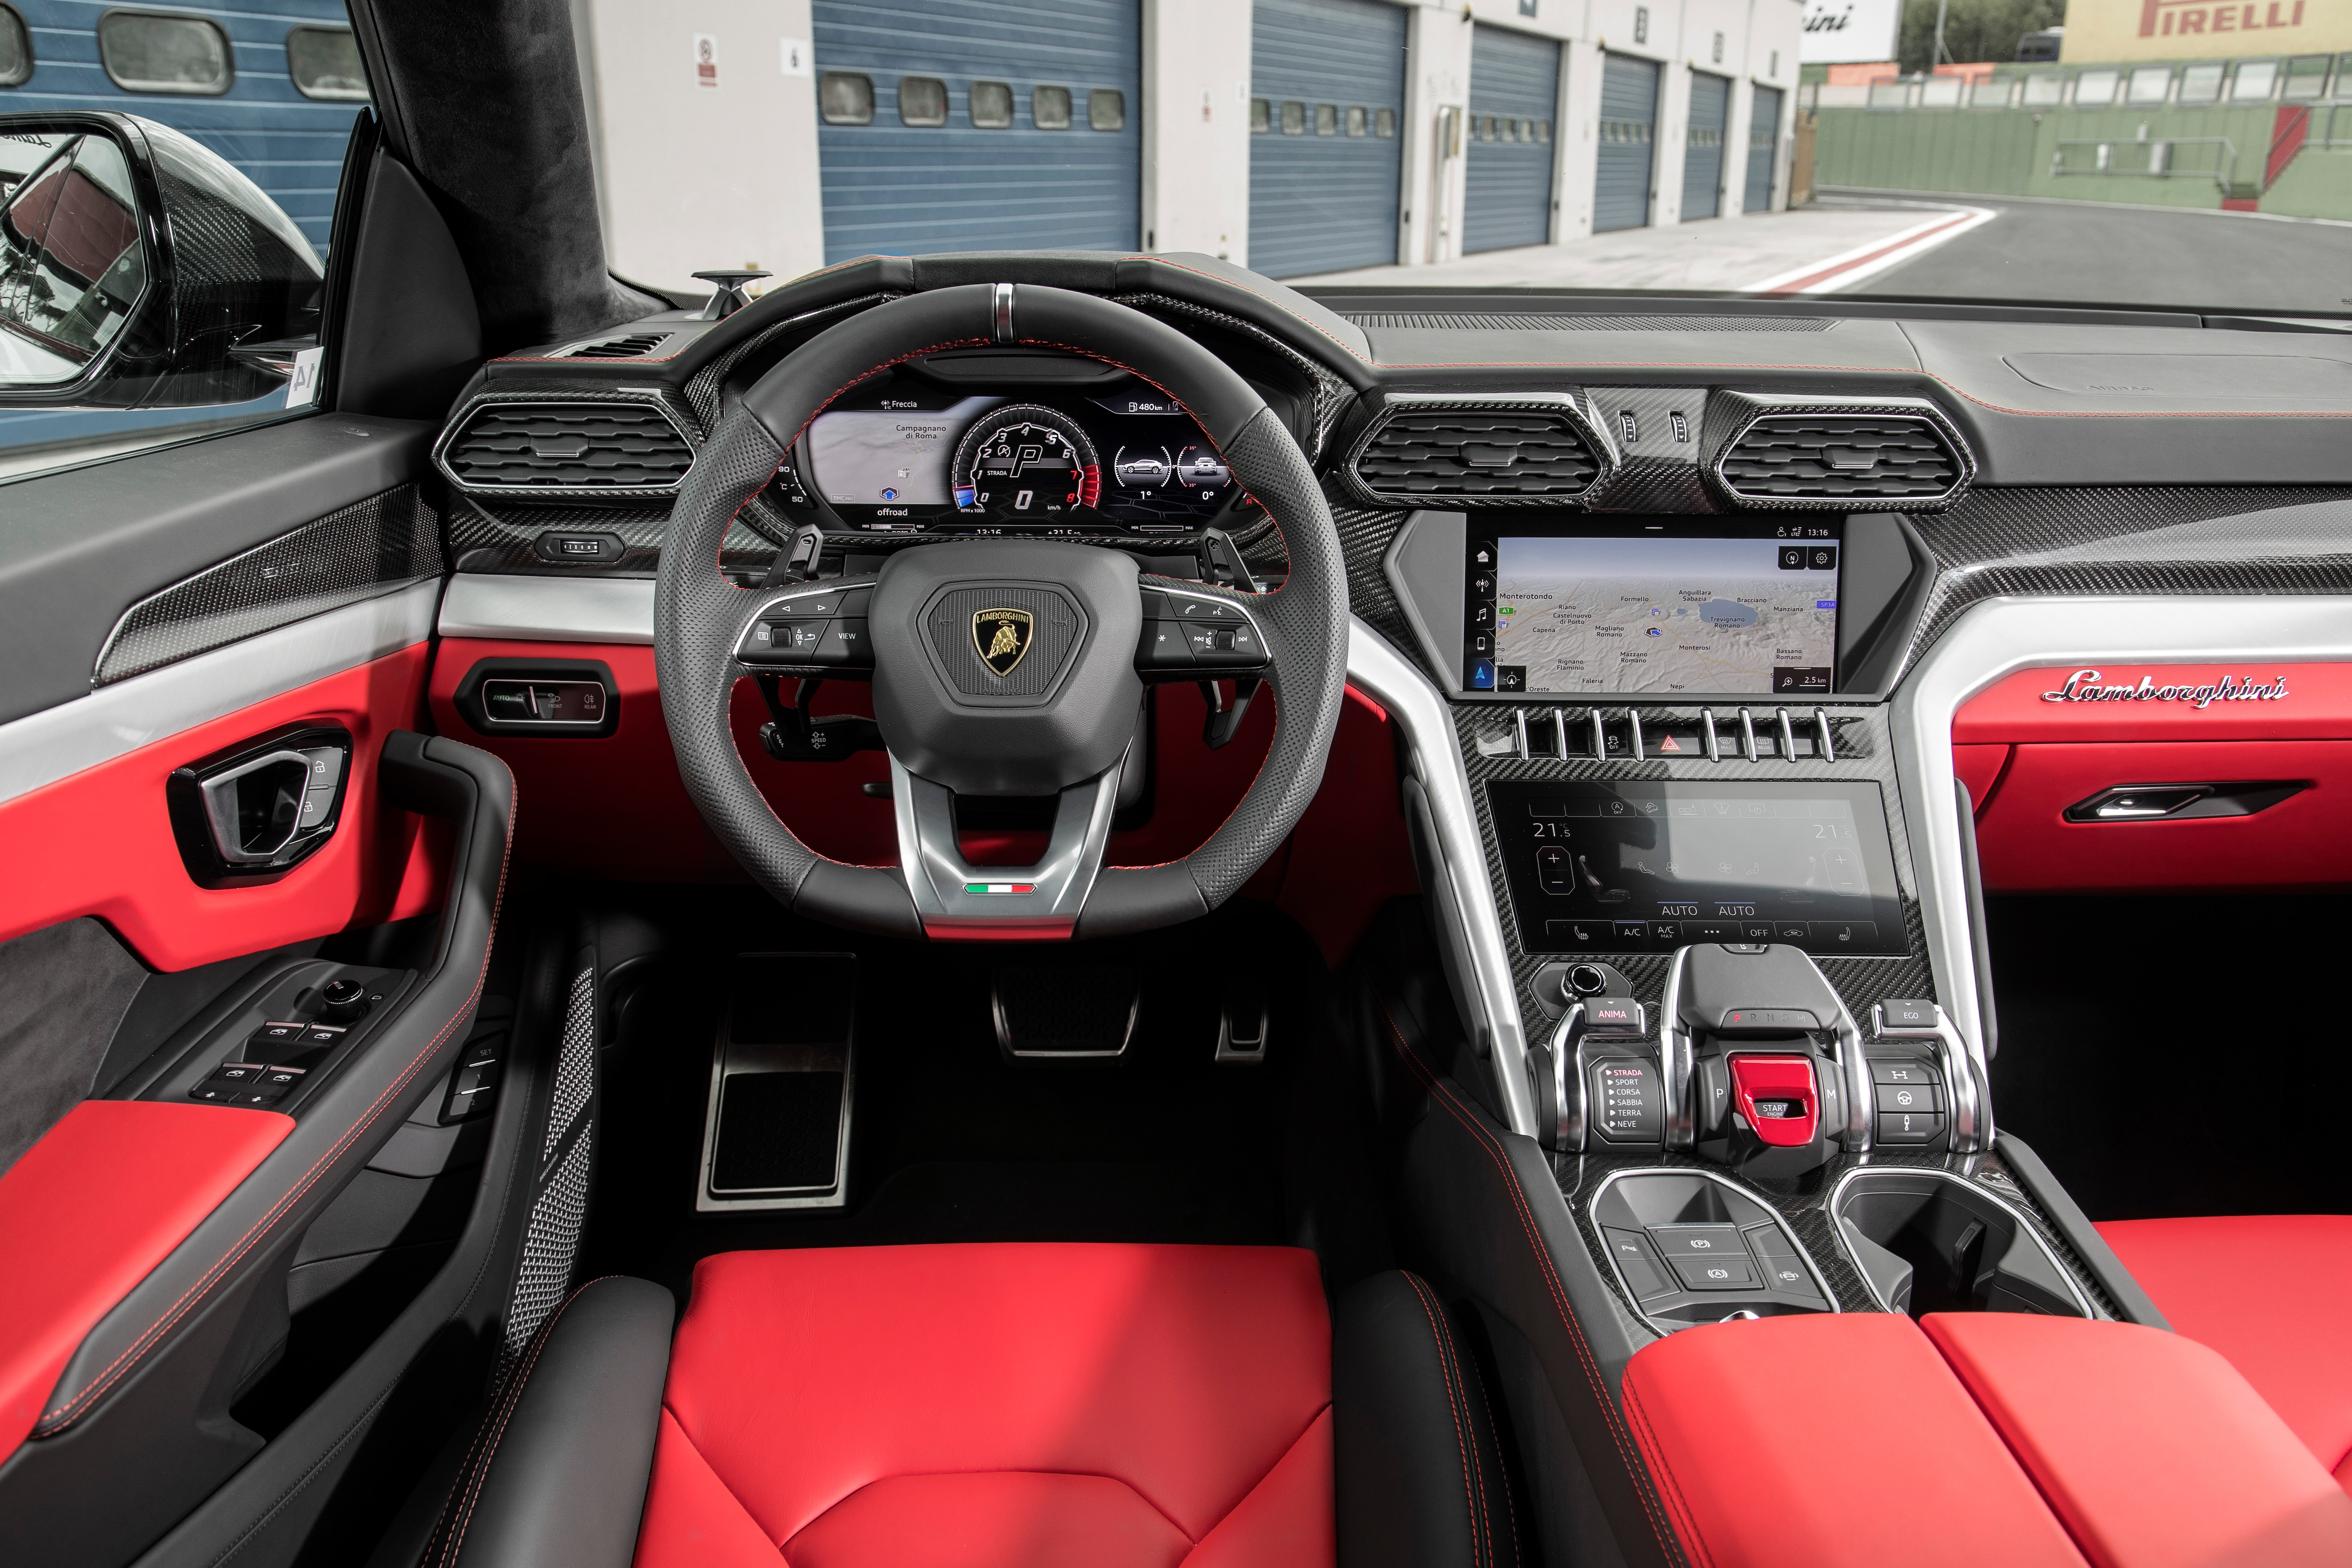 2019 Lamborghini Urus Bianco Icarus Interior 4 Motor Trend En Espanol